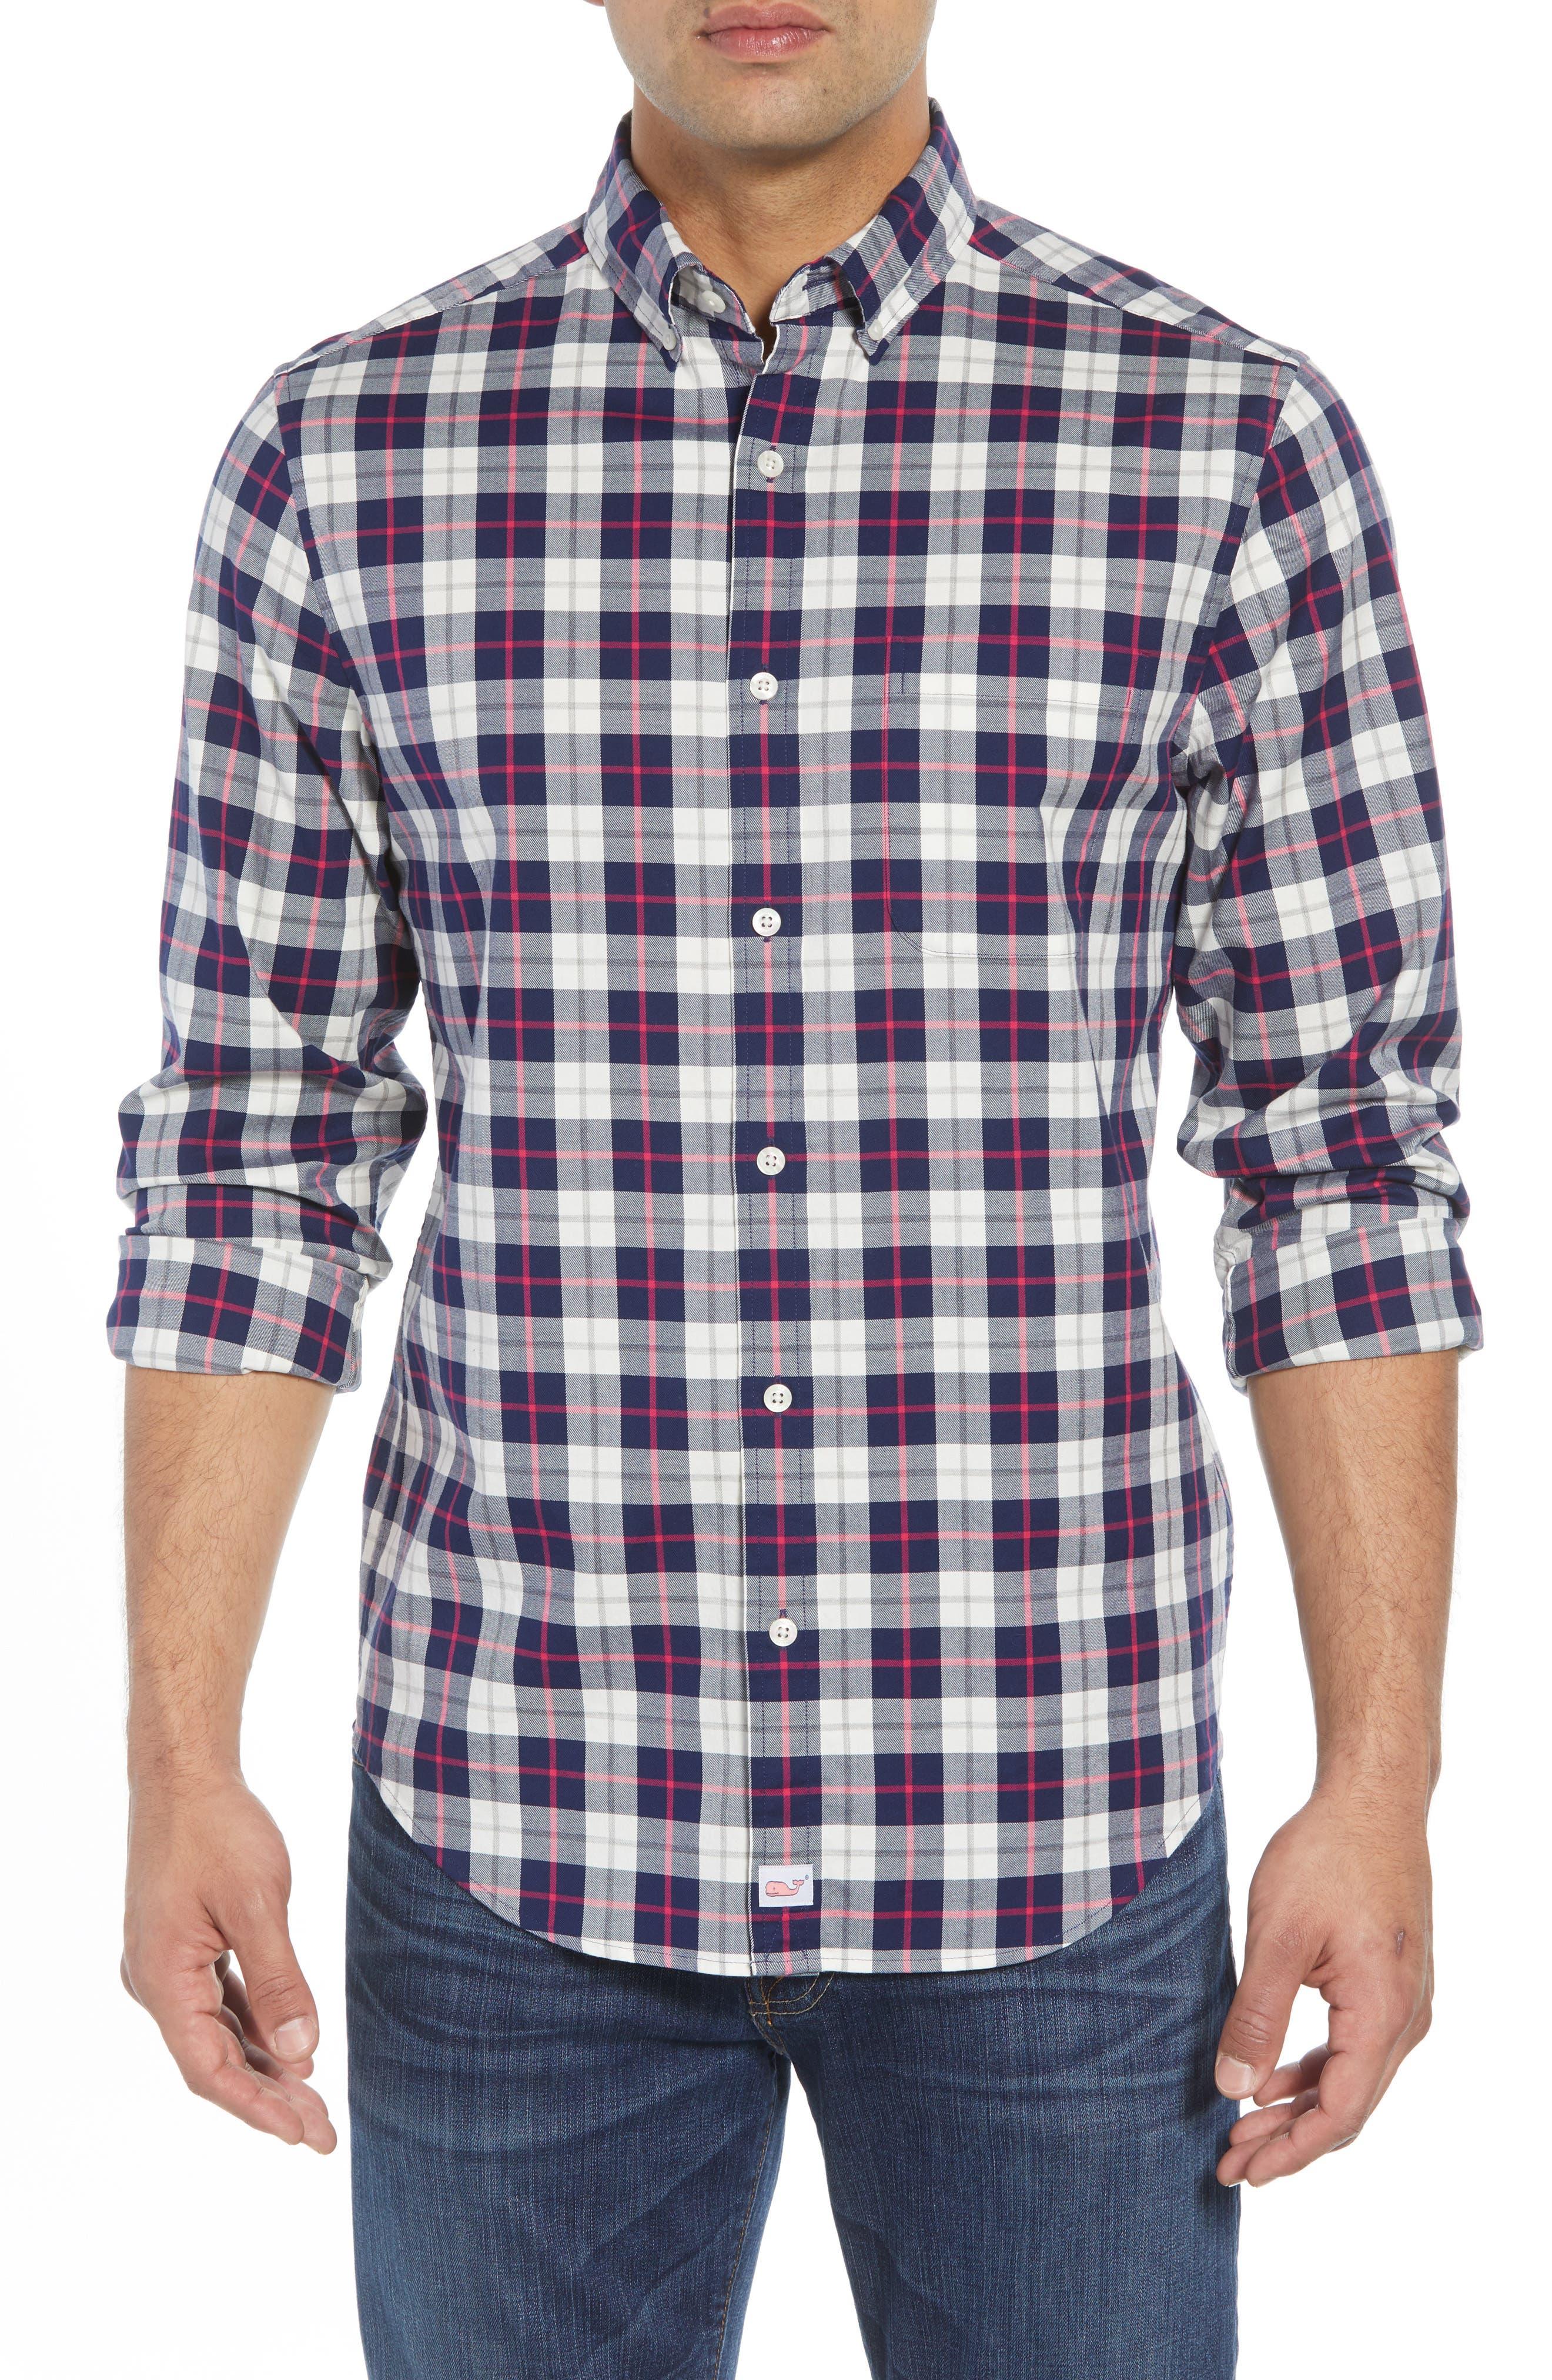 Riverbank Regular Fit Plaid Sport Shirt,                         Main,                         color, KATAMA BAY